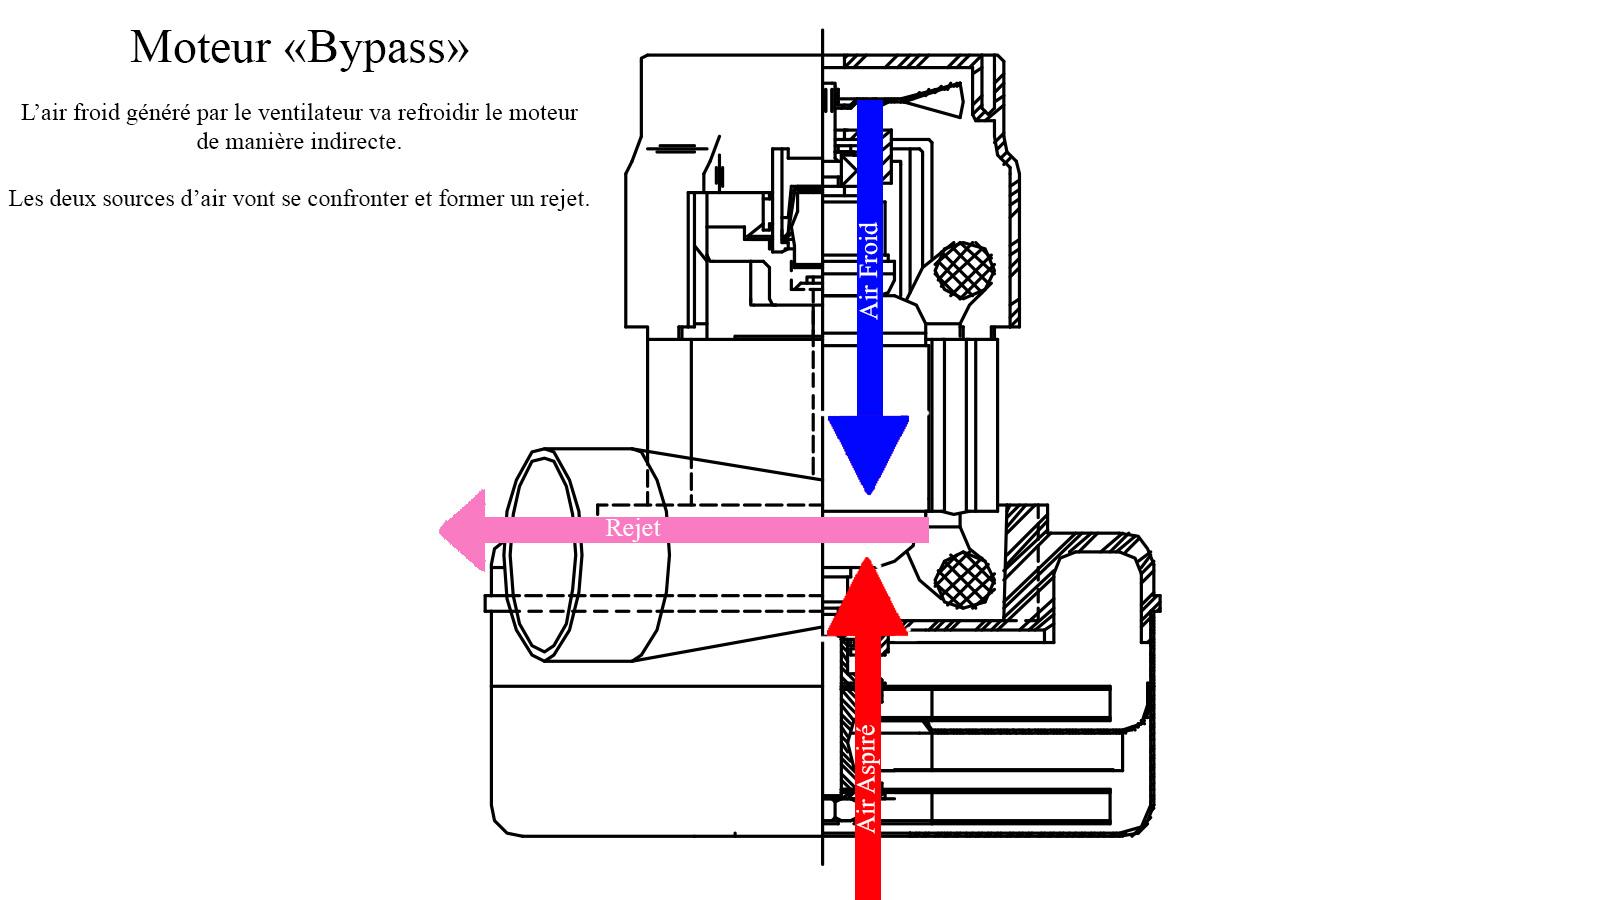 Schéma moteur bypass